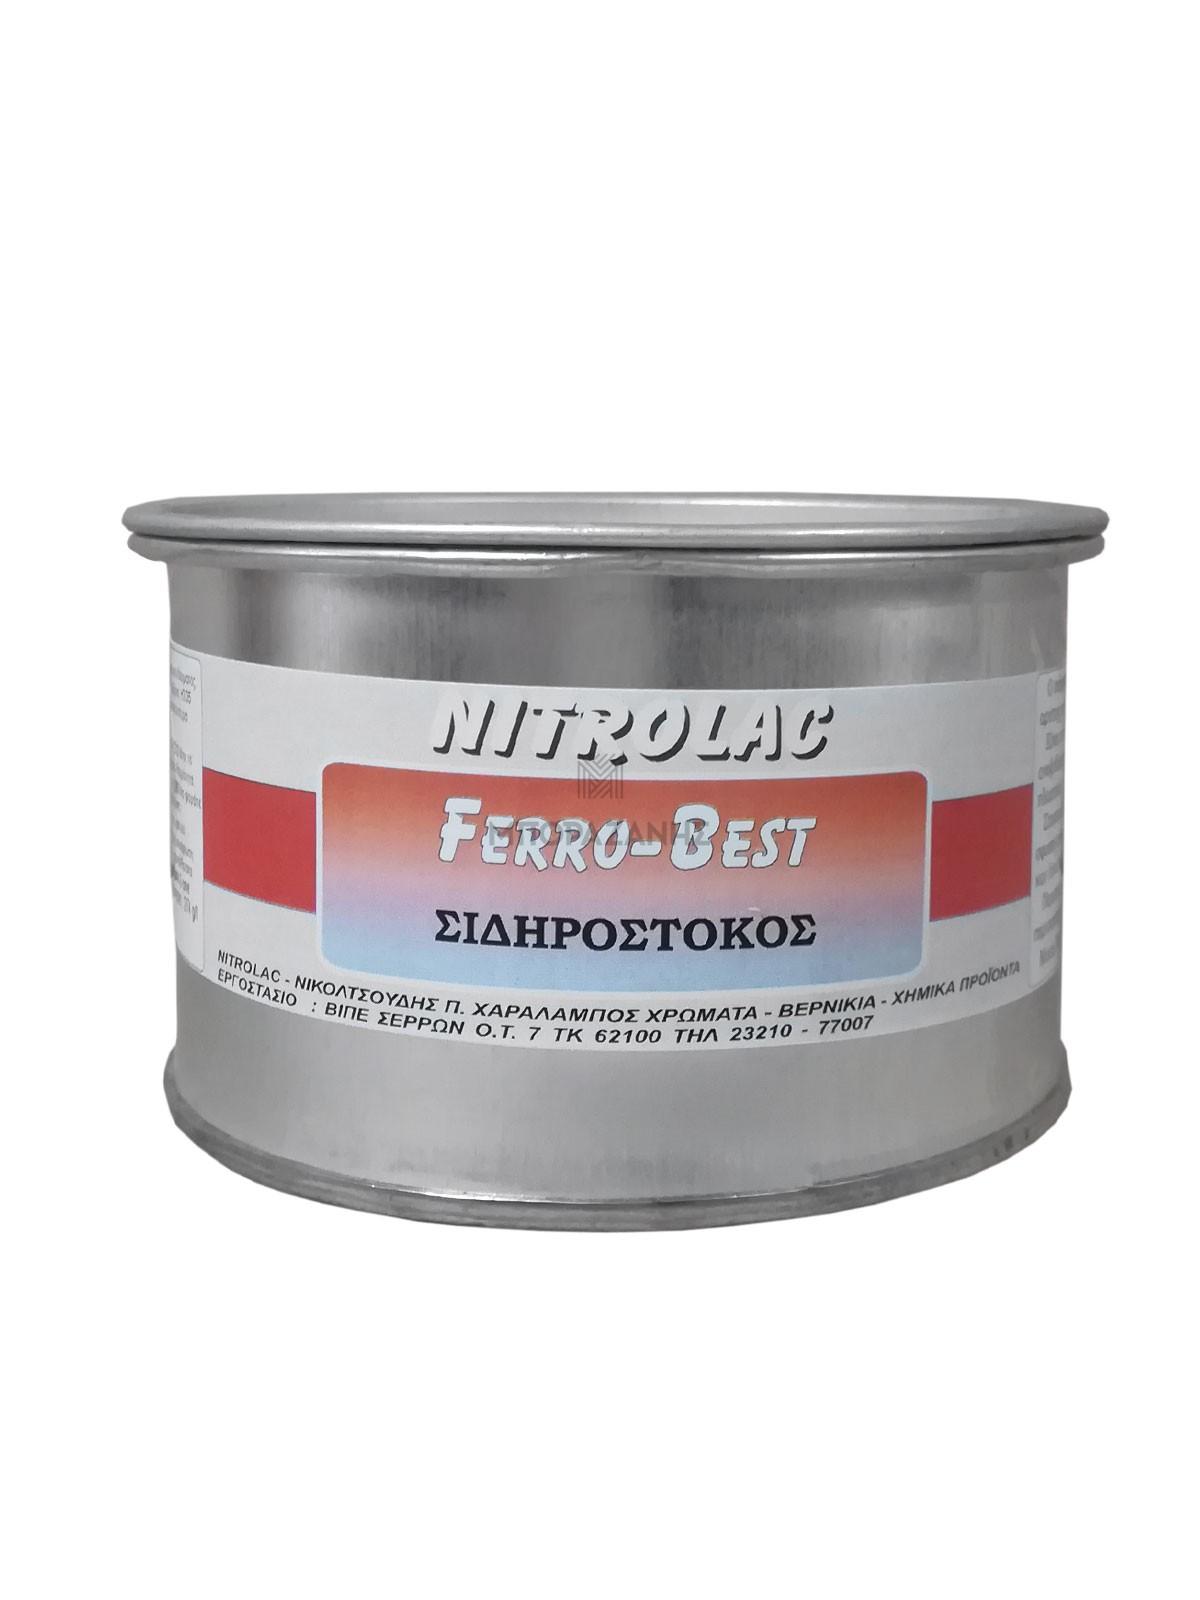 Σιδηρόστοκος με καταλύτη Ferro-Best NITROLAC